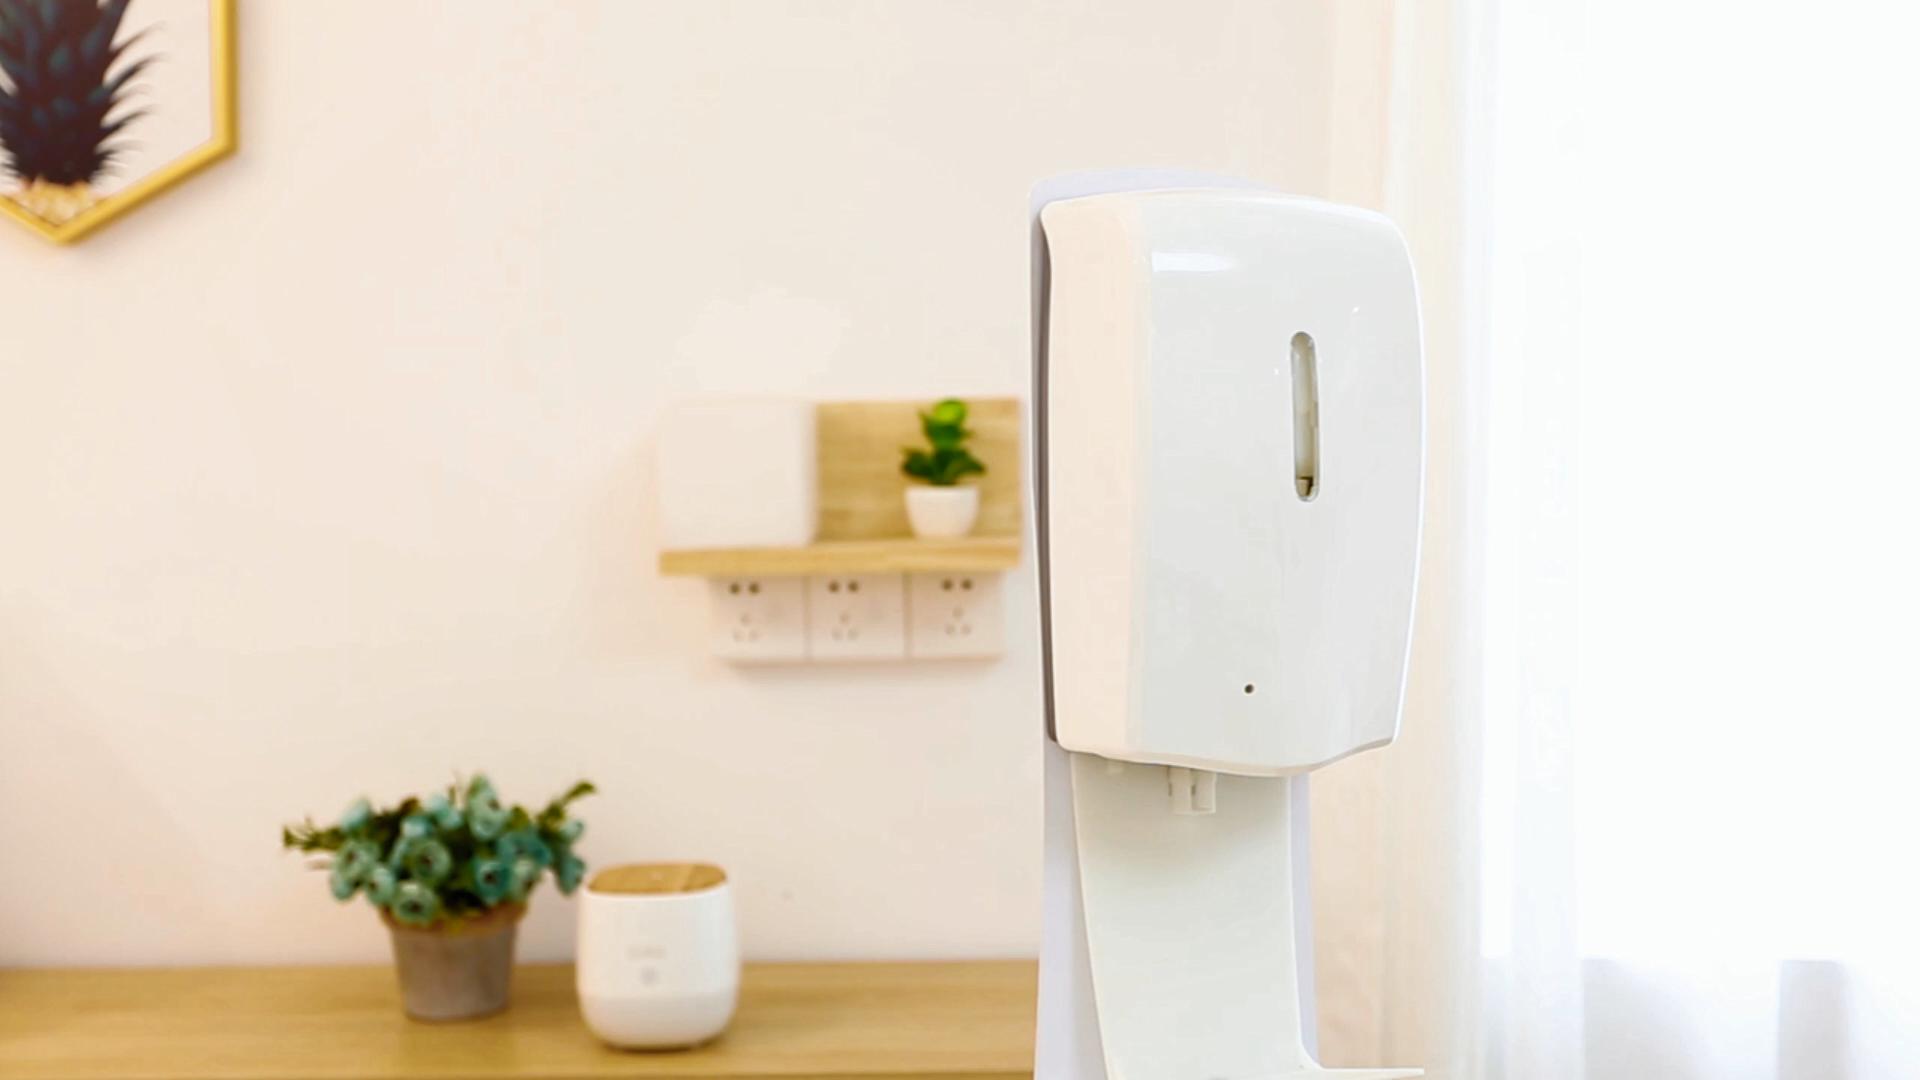 SCENTA venta eléctrica de plástico Sensor sin contacto de dispensador de jabón montado en la pared gratuito dispensador automático desinfectante para mano